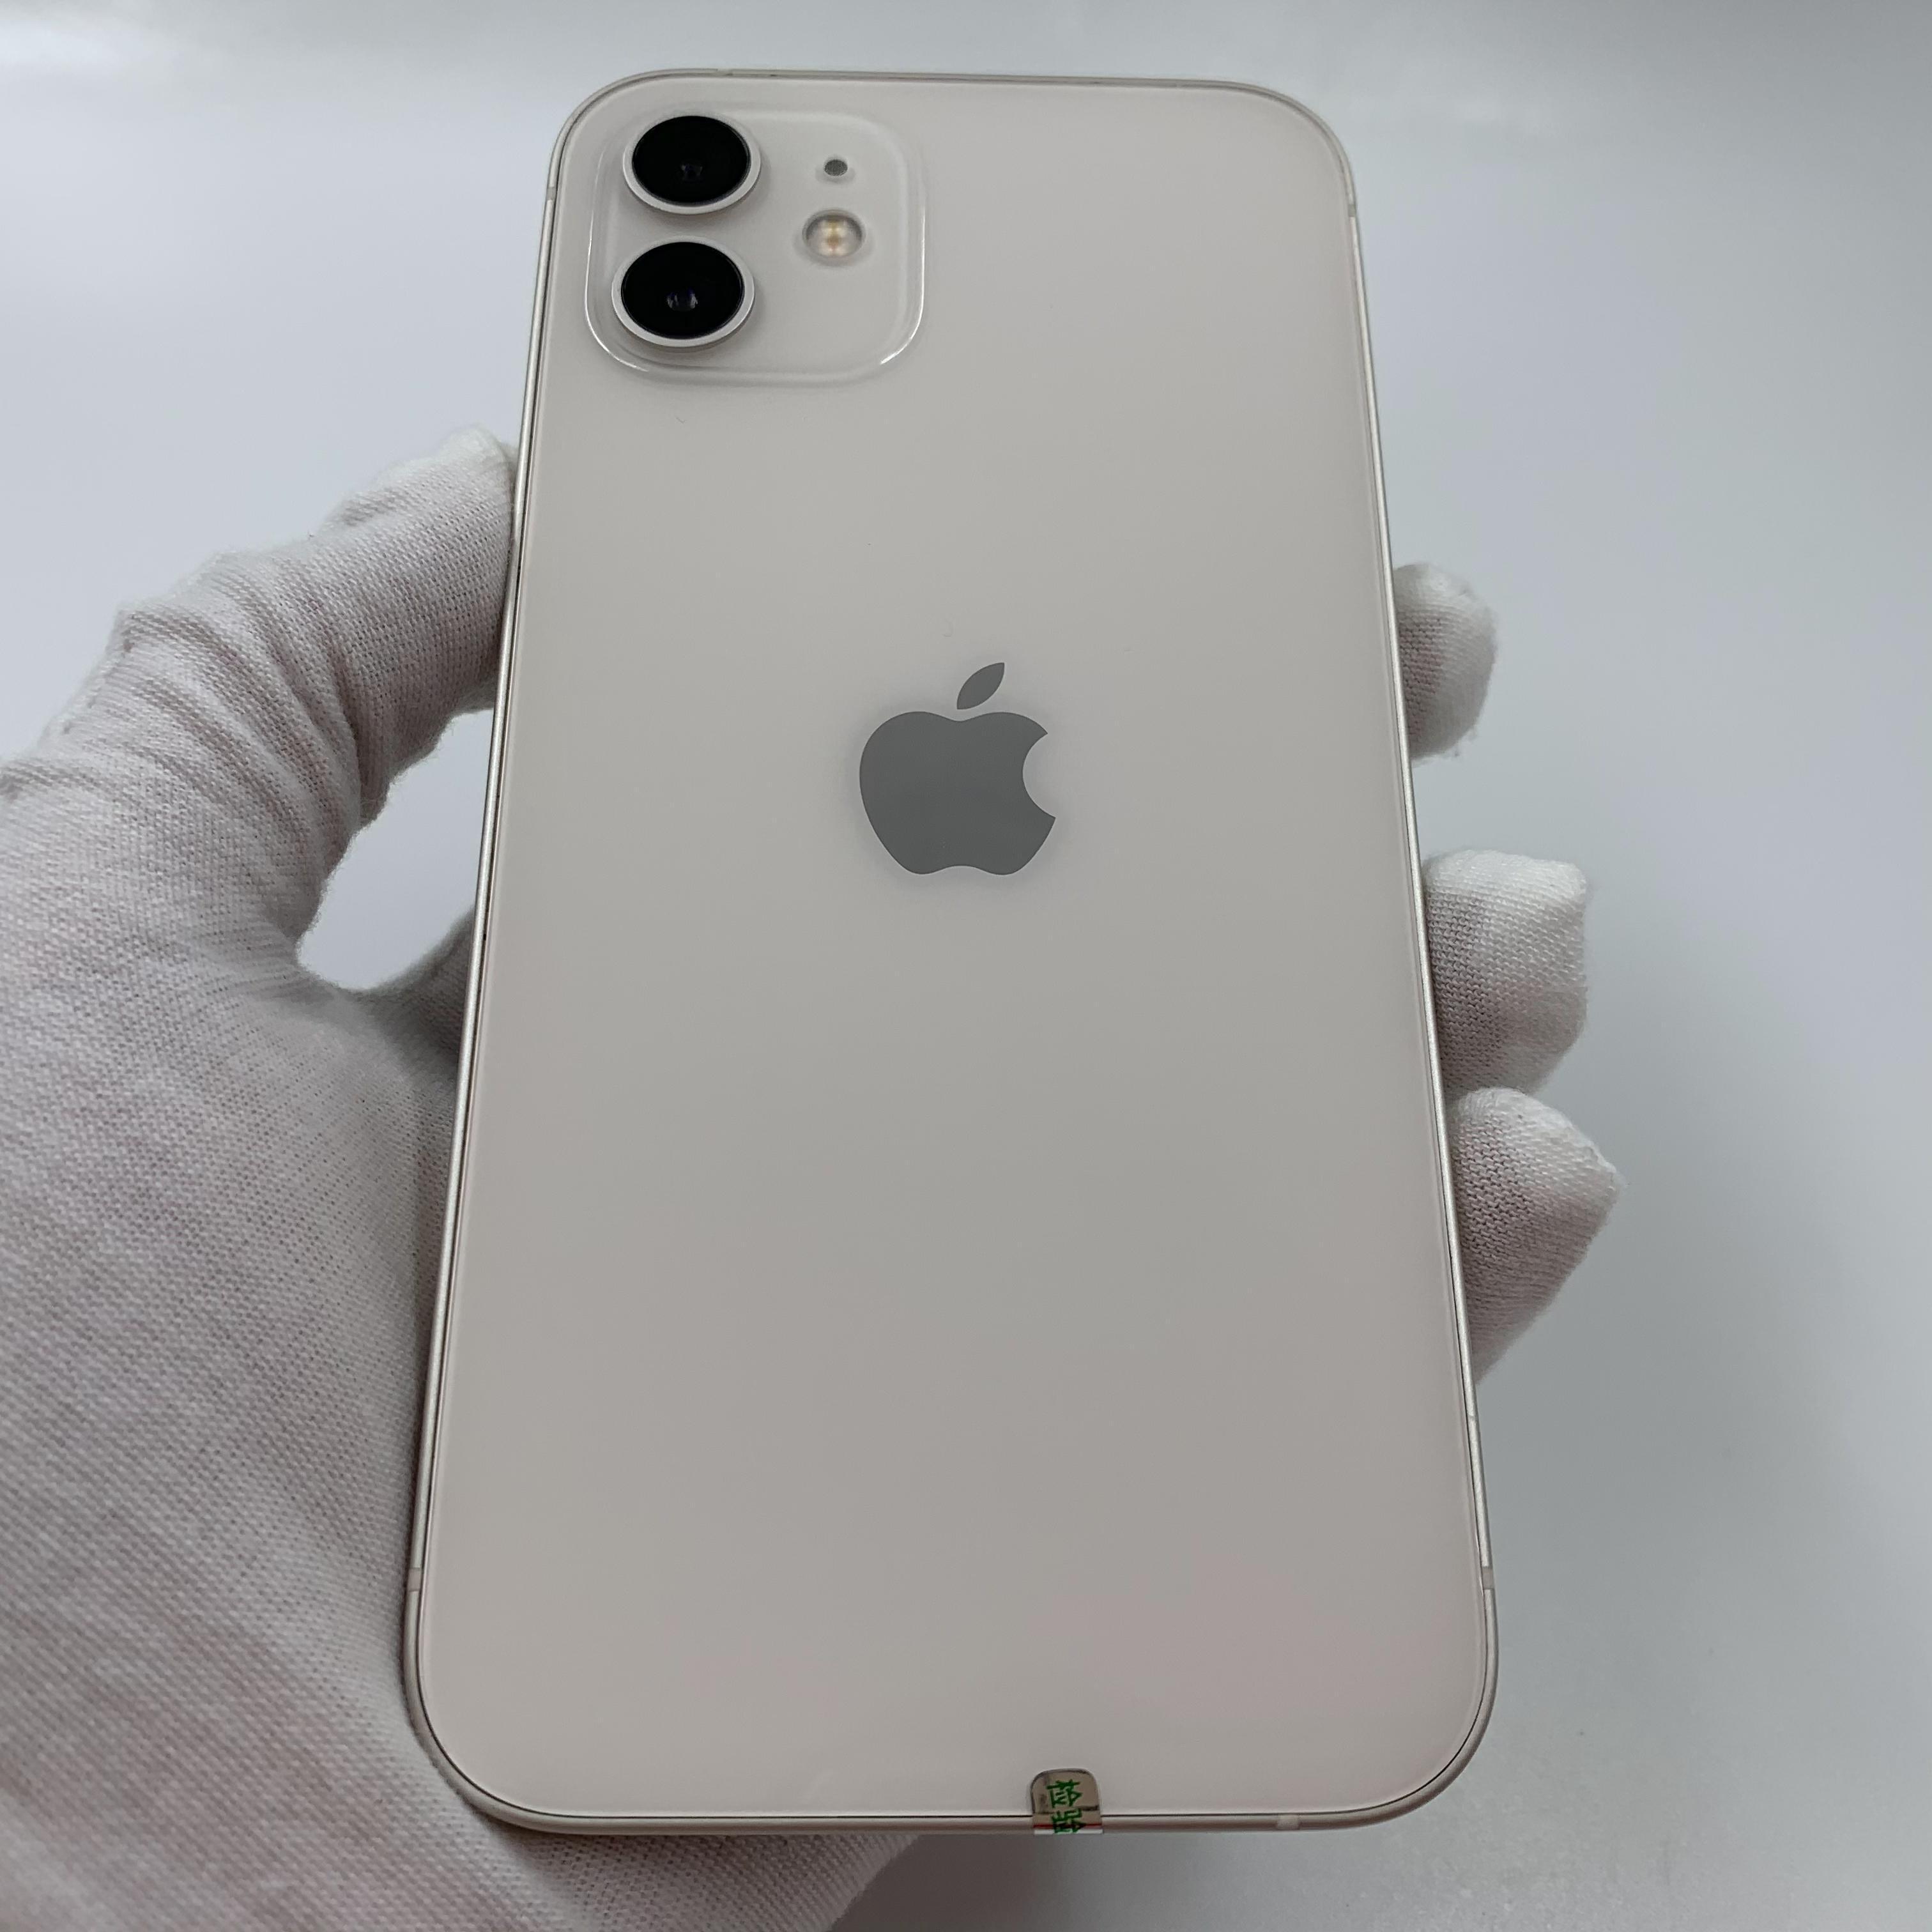 苹果【iPhone 12】5G全网通 白色 64G 国行 8成新 真机实拍官保2022-01-21